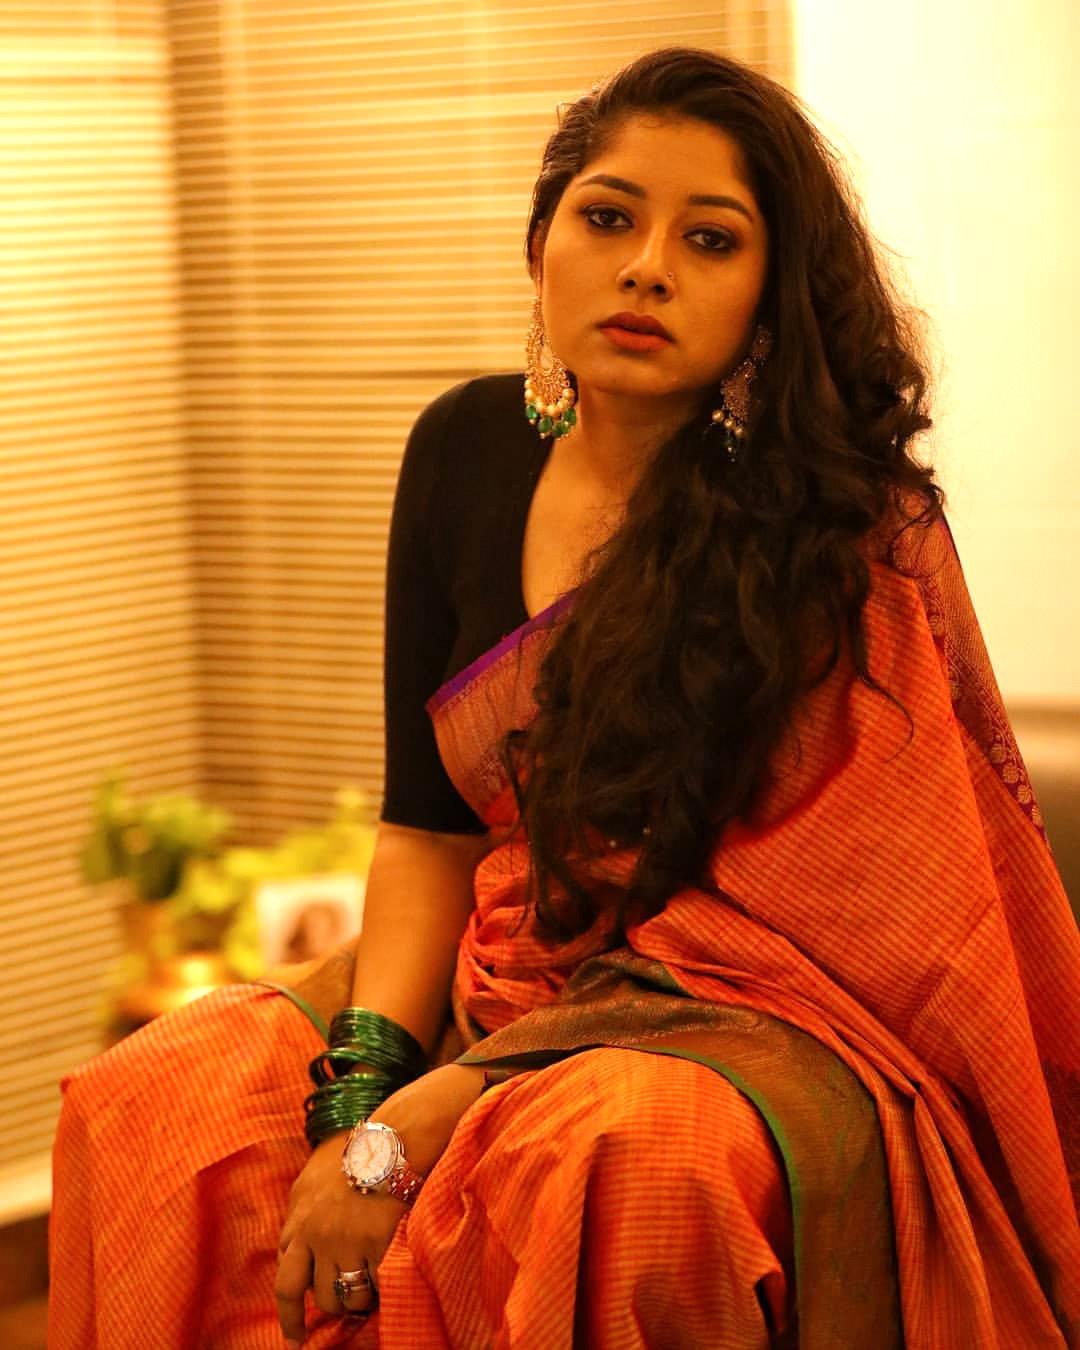 anumol-latest-photos-0931-756